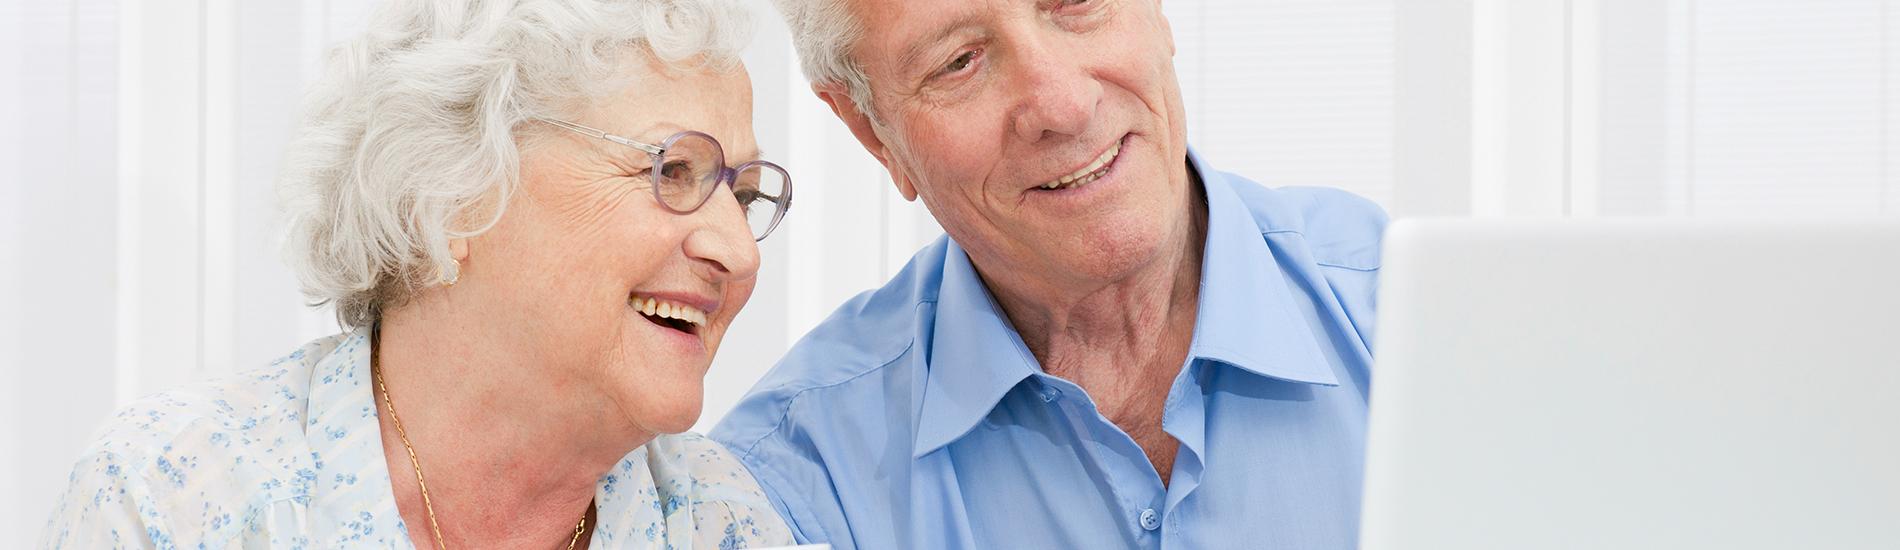 Computerhilfe für Senioren